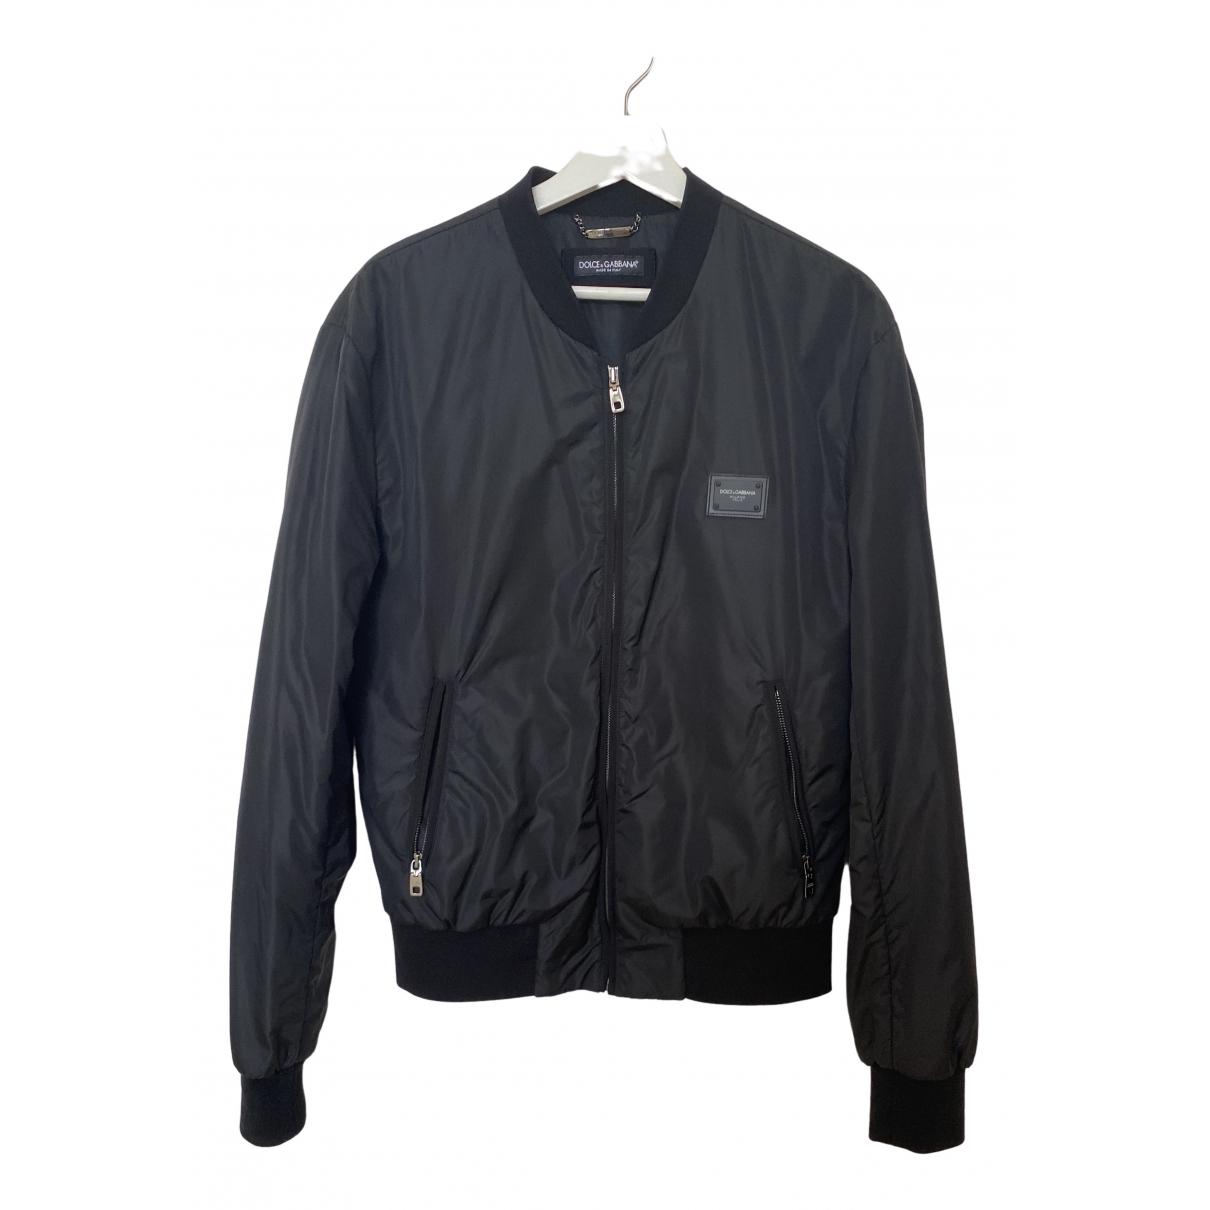 D&g \N Black jacket  for Men 46 IT